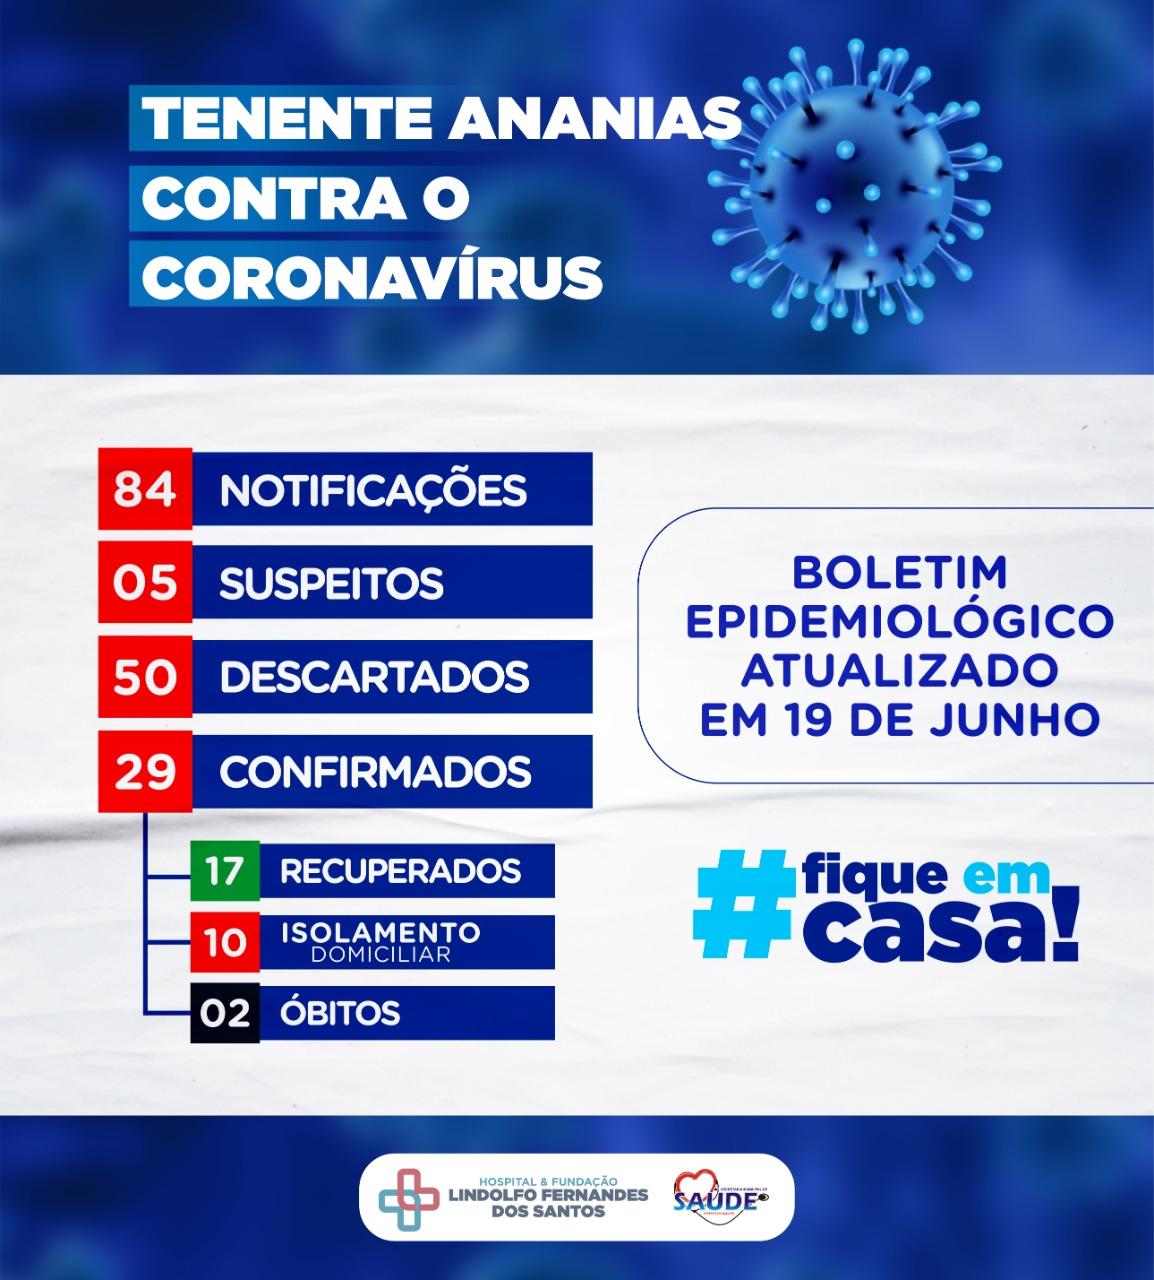 Boletim Epidemiológico, atualizado em 19 de junho de 2020